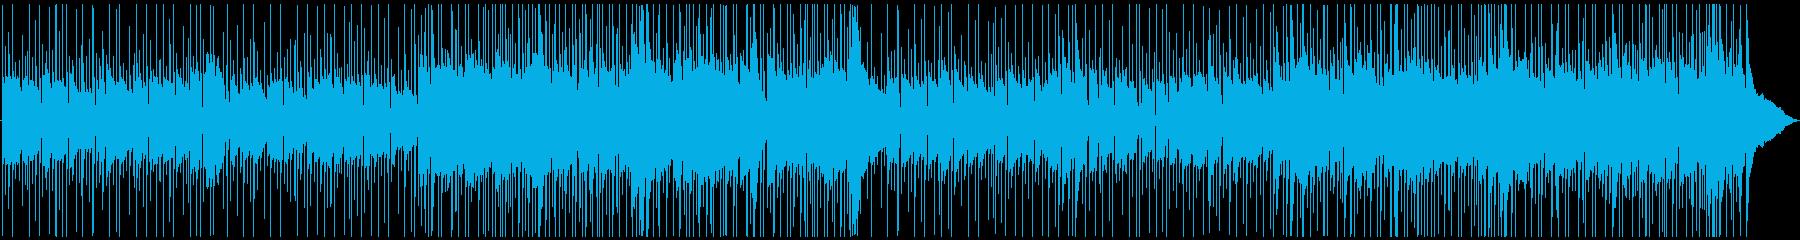 哀愁感漂うロックバラードの再生済みの波形